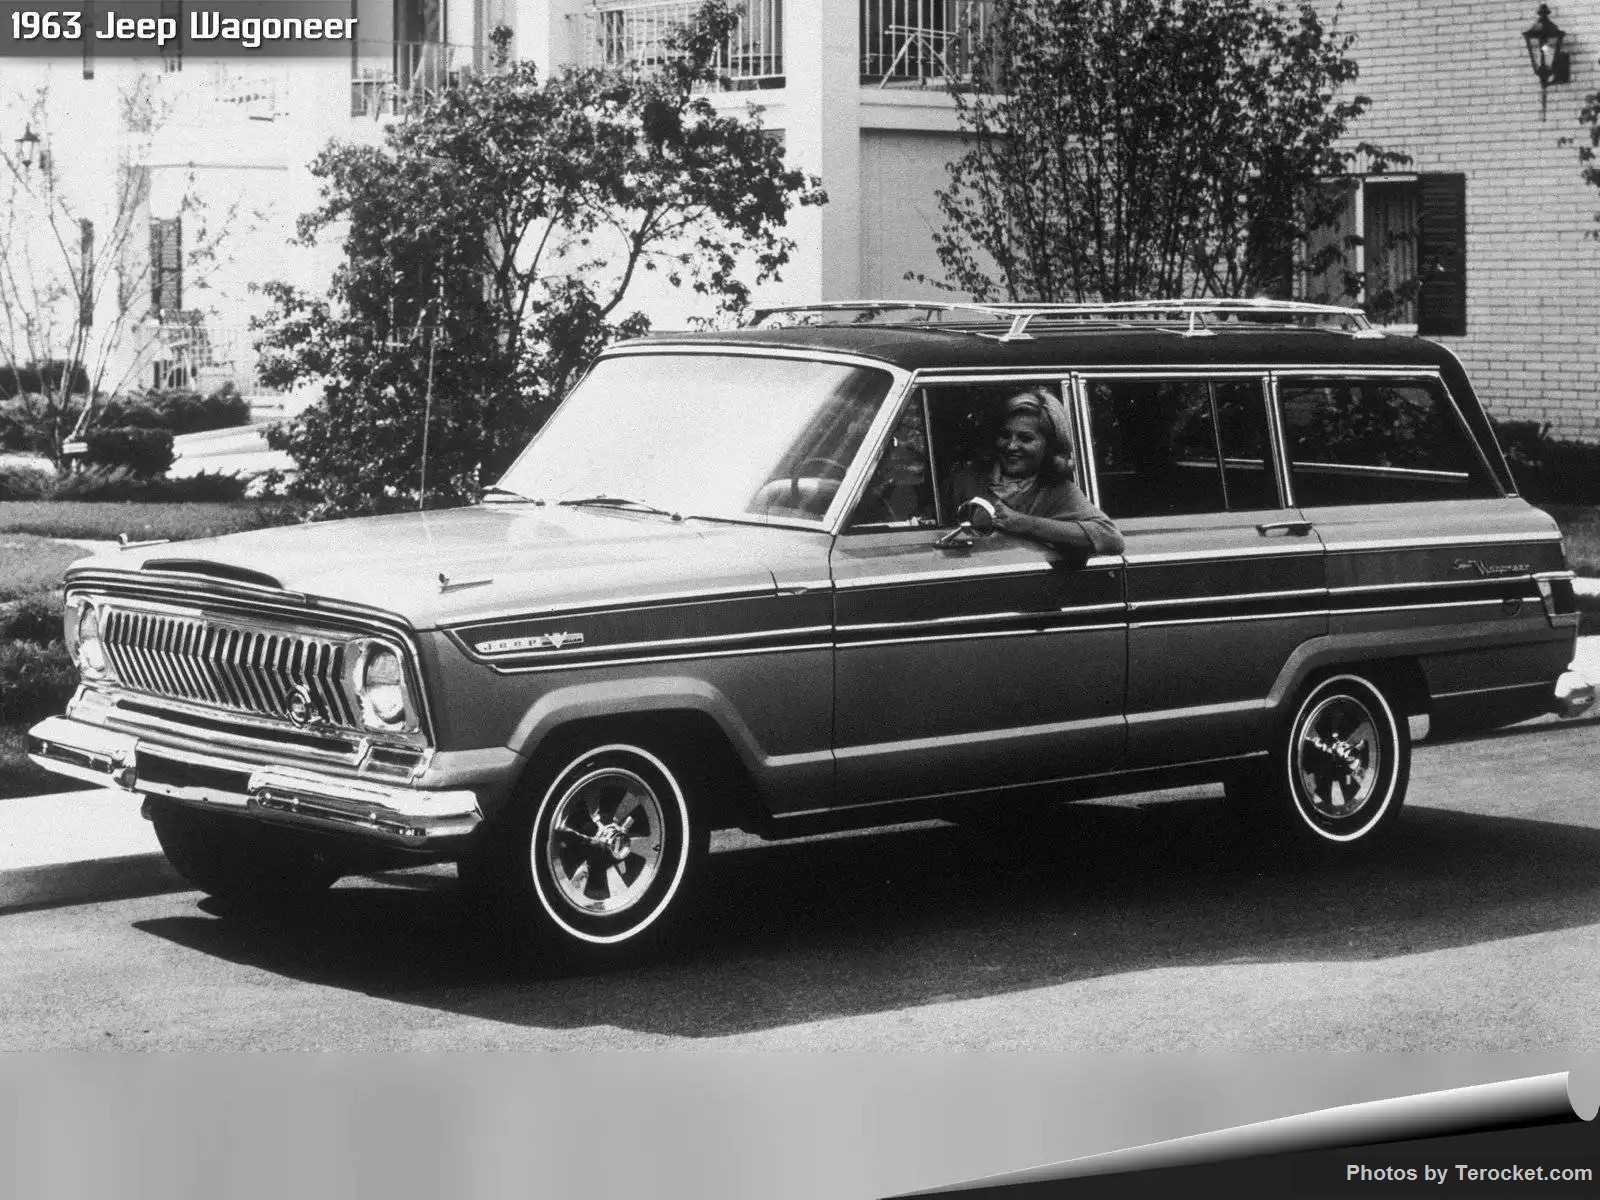 Hình ảnh xe ô tô Jeep Wagoneer 1963 & nội ngoại thất